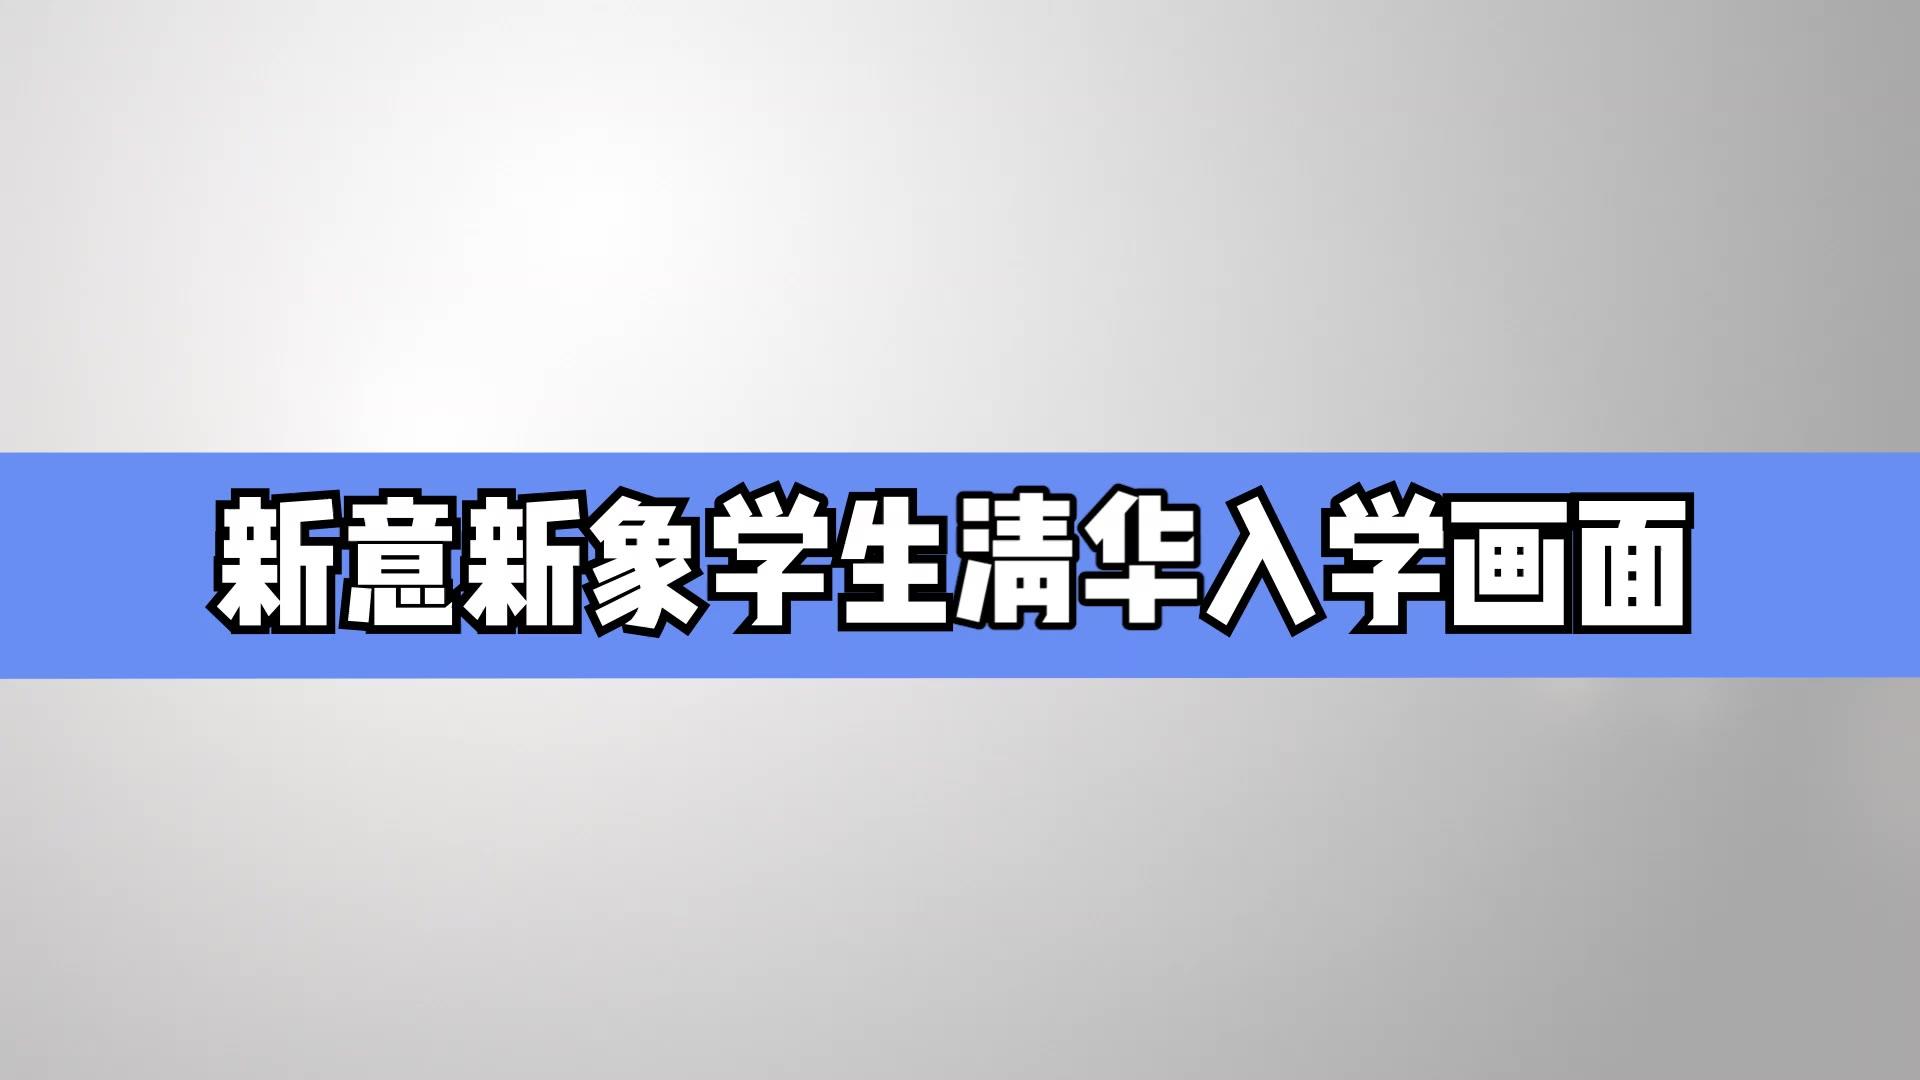 新意新象学子清央入学视频